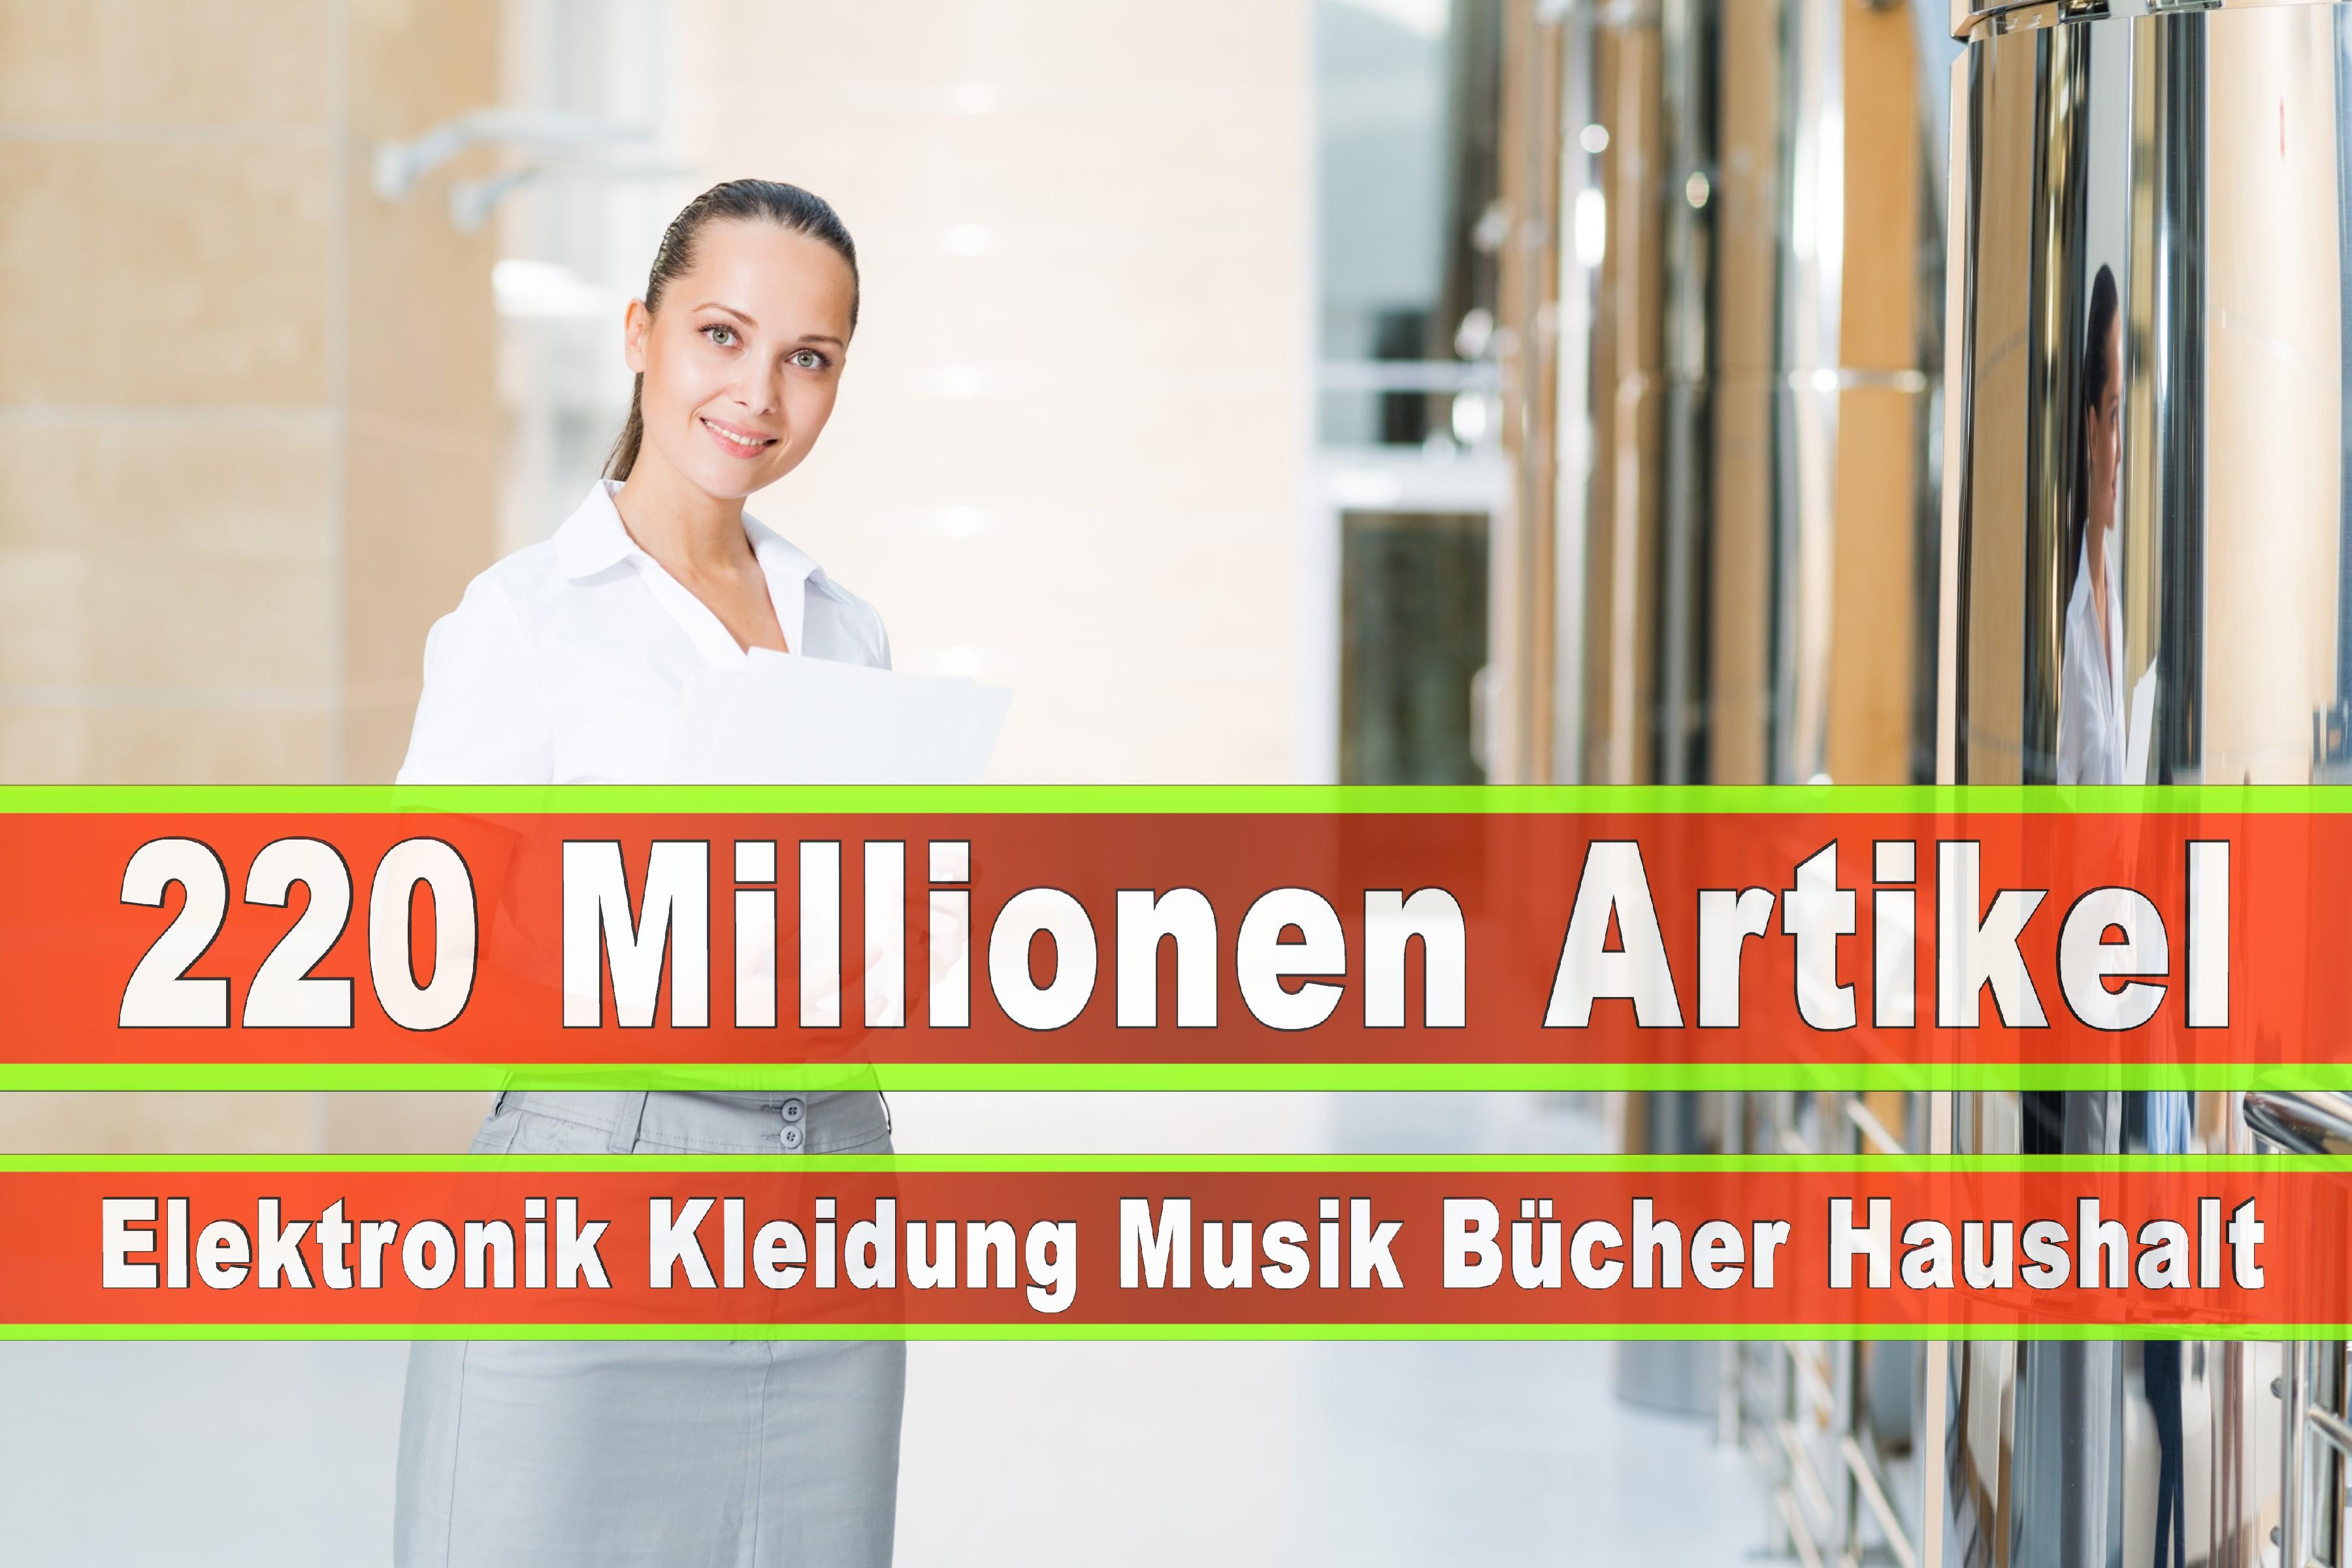 Amazon Elektronik Musik Haushalt Bücher CD DVD Handys Smartphones TV Television Fernseher Kleidung Mode Ebay Versandhaus (116)